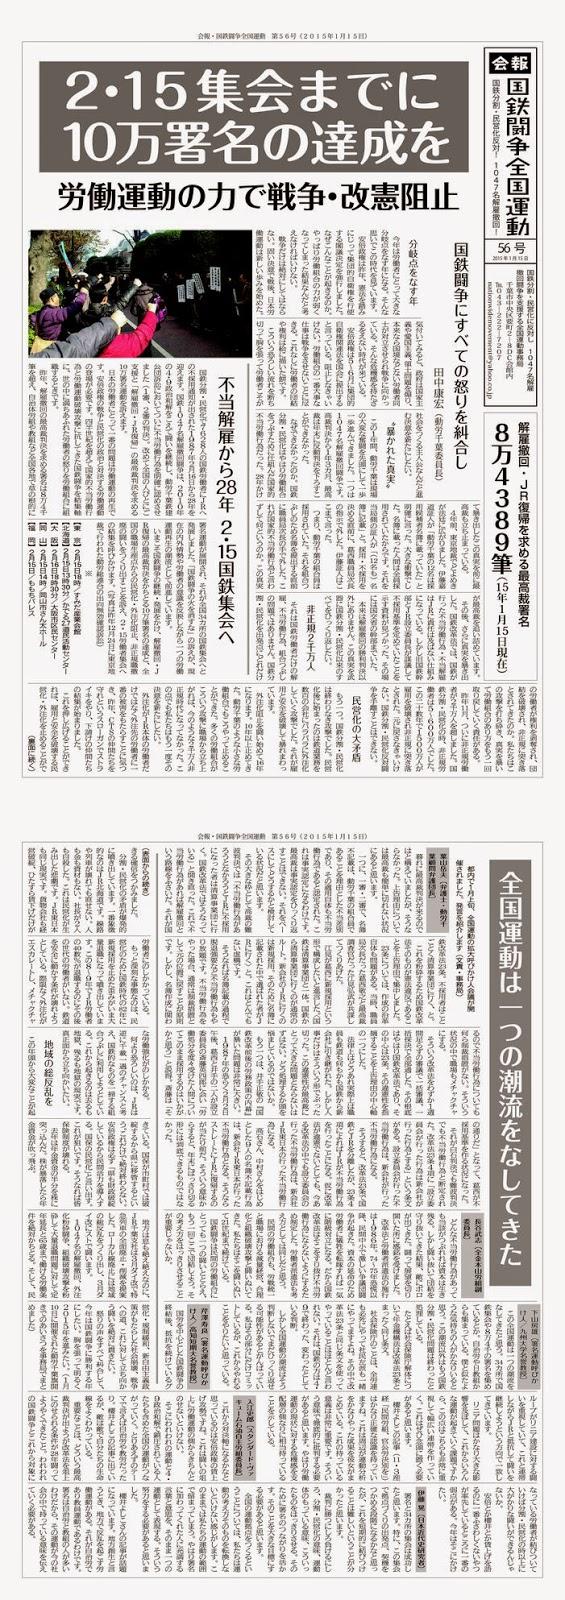 http://www.doro-chiba.org/z-undou/pdf/news_56.pdf